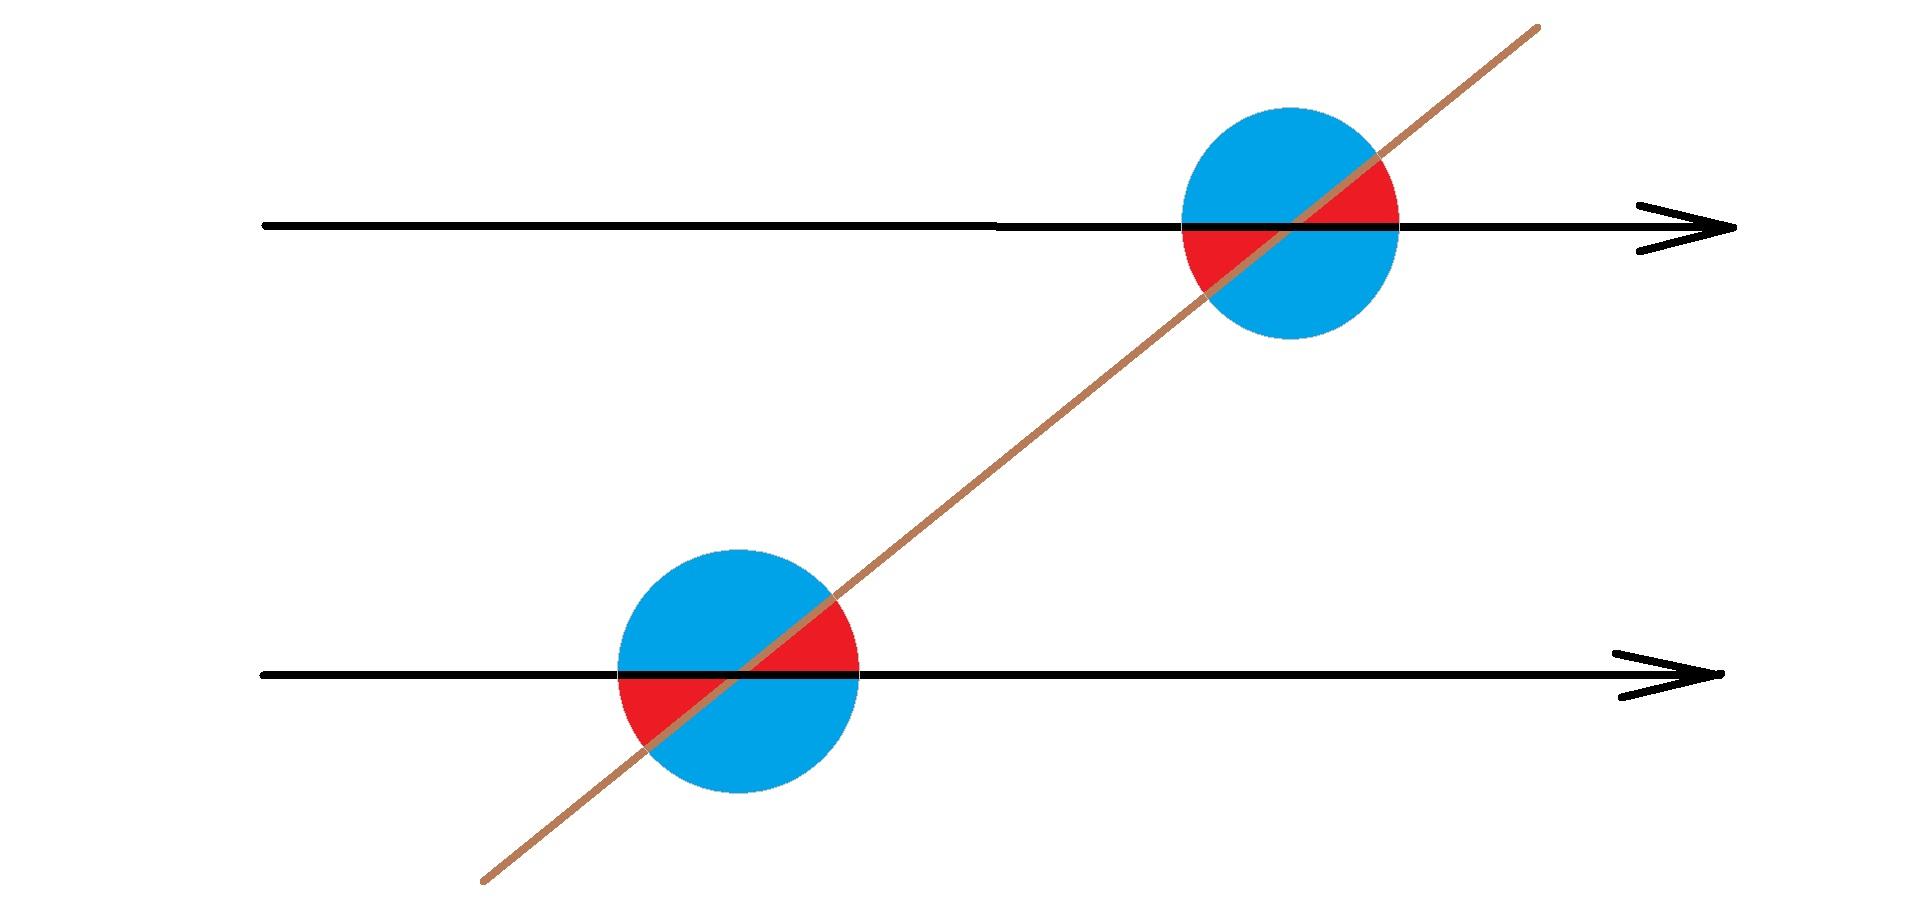 خطوط موازی و مورب - مثال